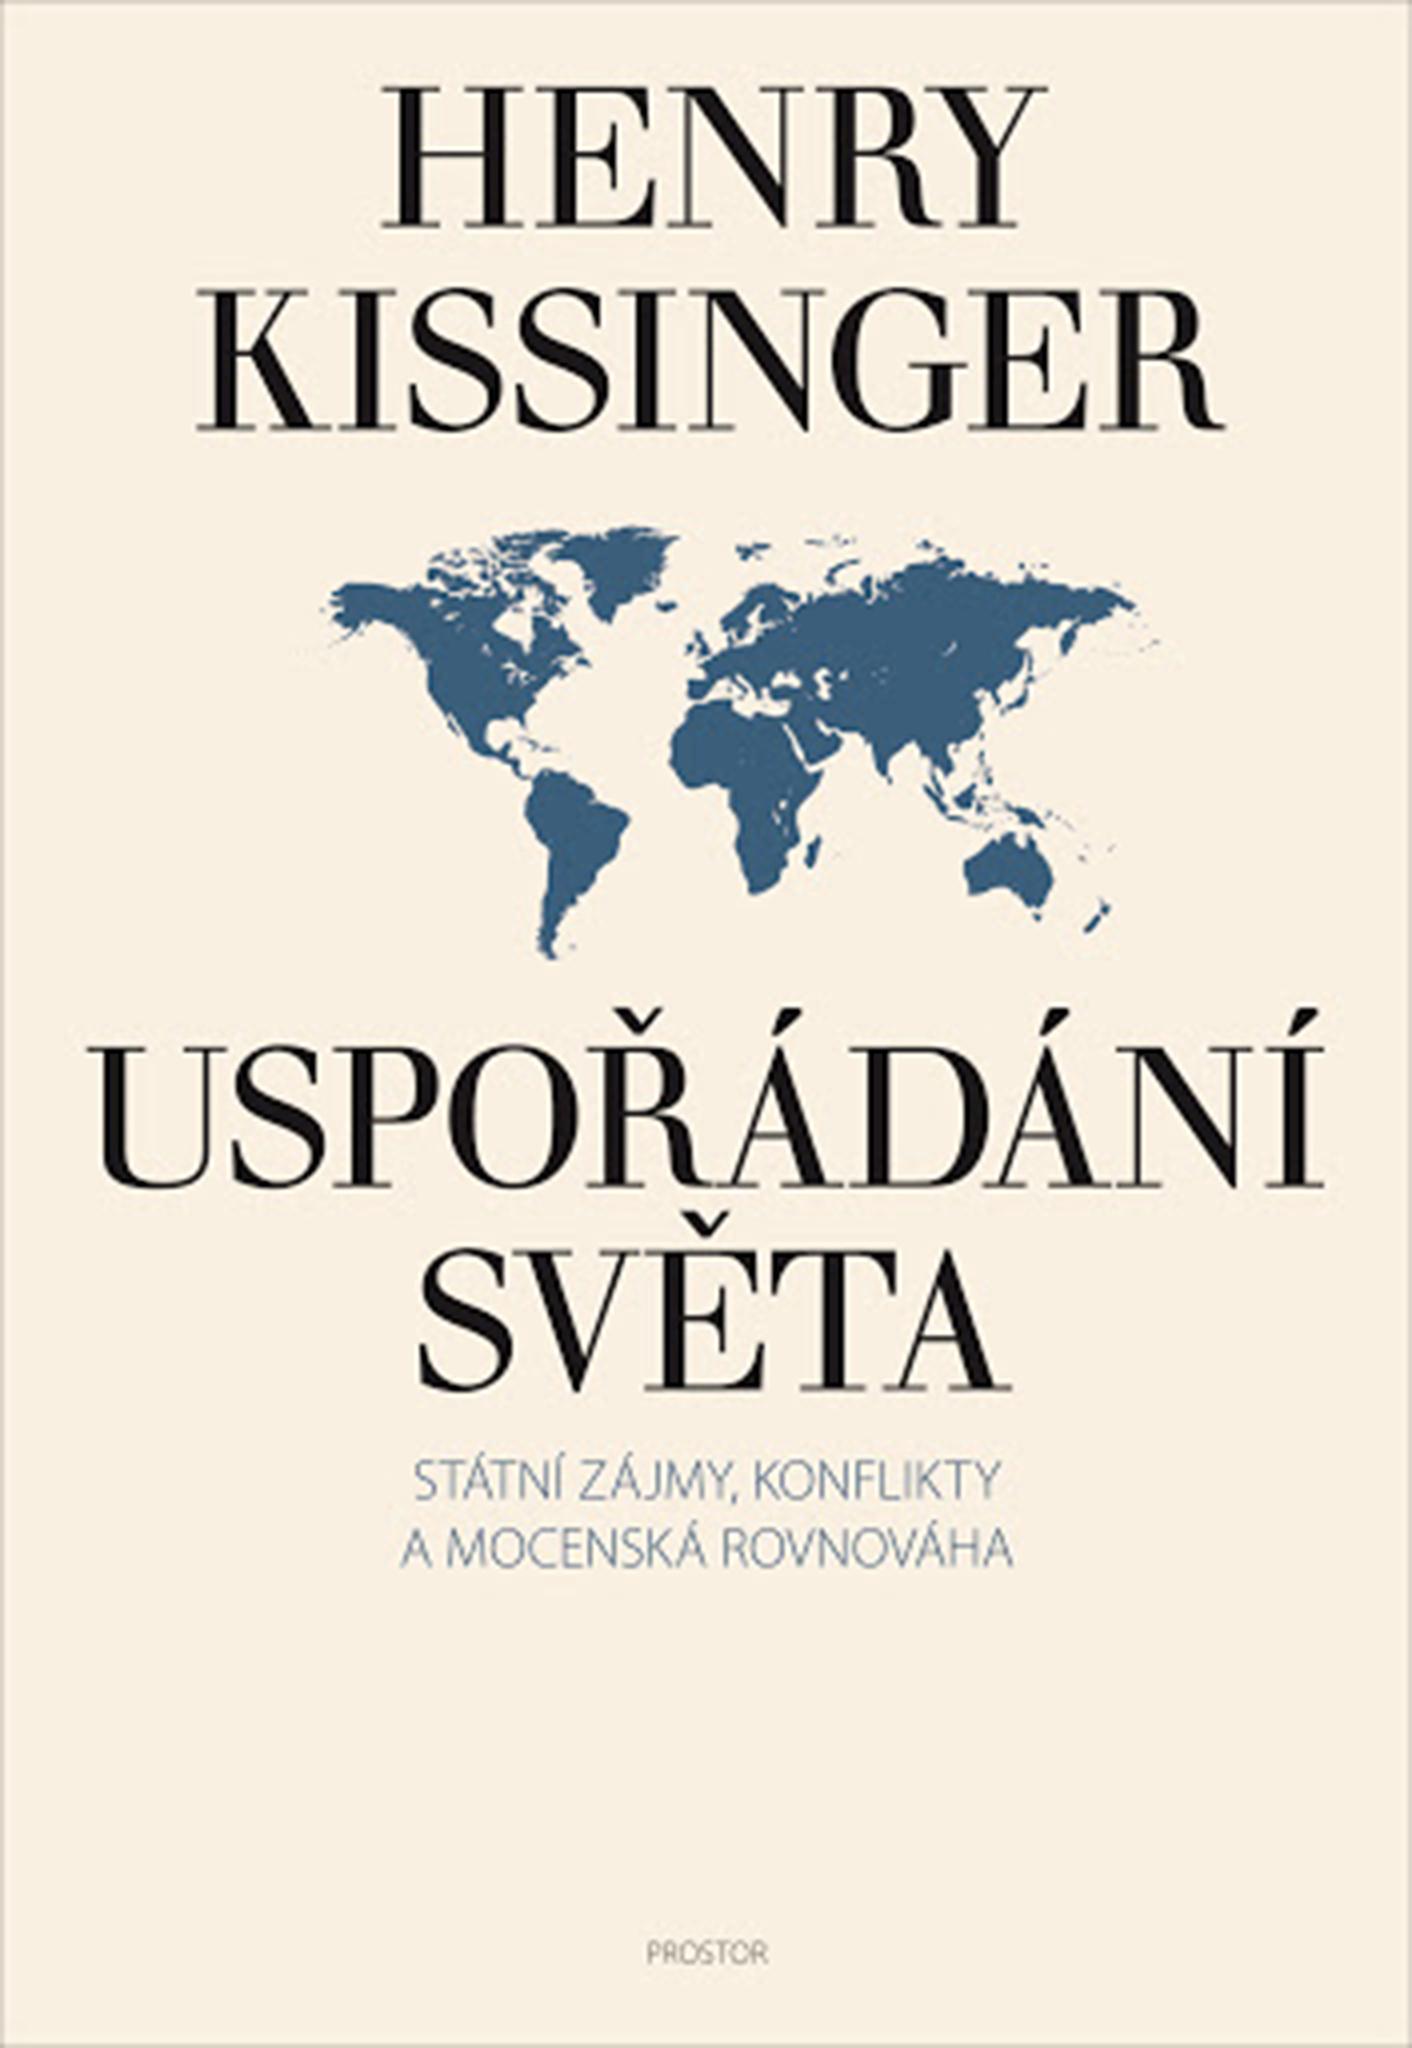 Henry Kissinger: Uspořádání světa – Státní zájmy, konflikty a mocenská rovnováha, Prostor, 2021